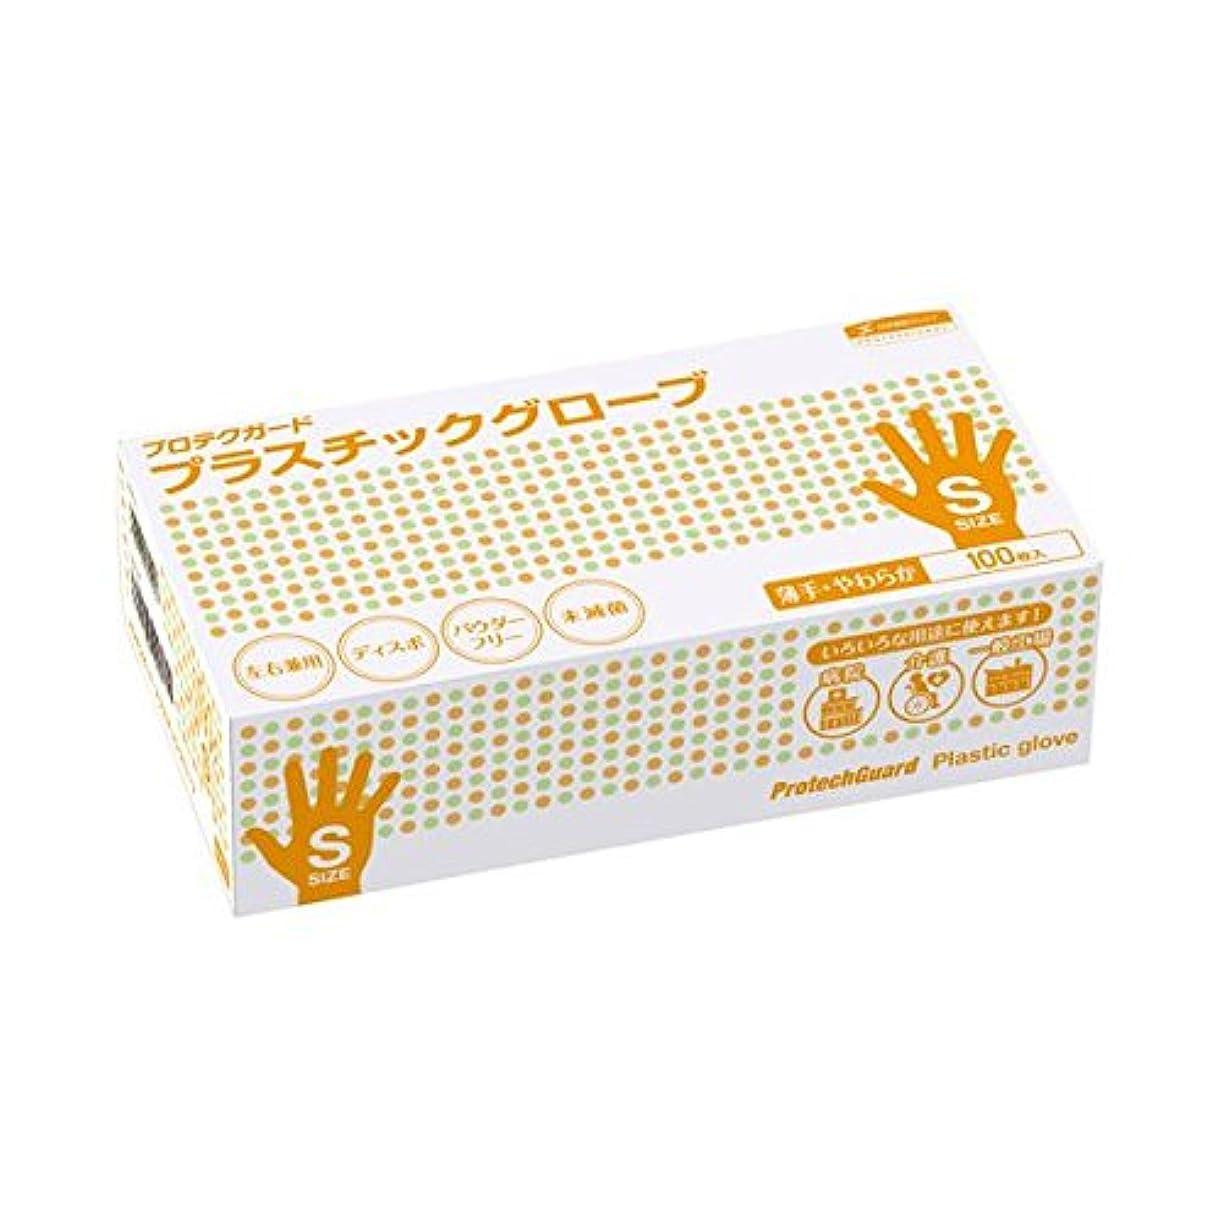 不確実トチの実の木検索エンジン最適化日本製紙クレシア プロテクガード プラスチック Sサイズ ds-1915779